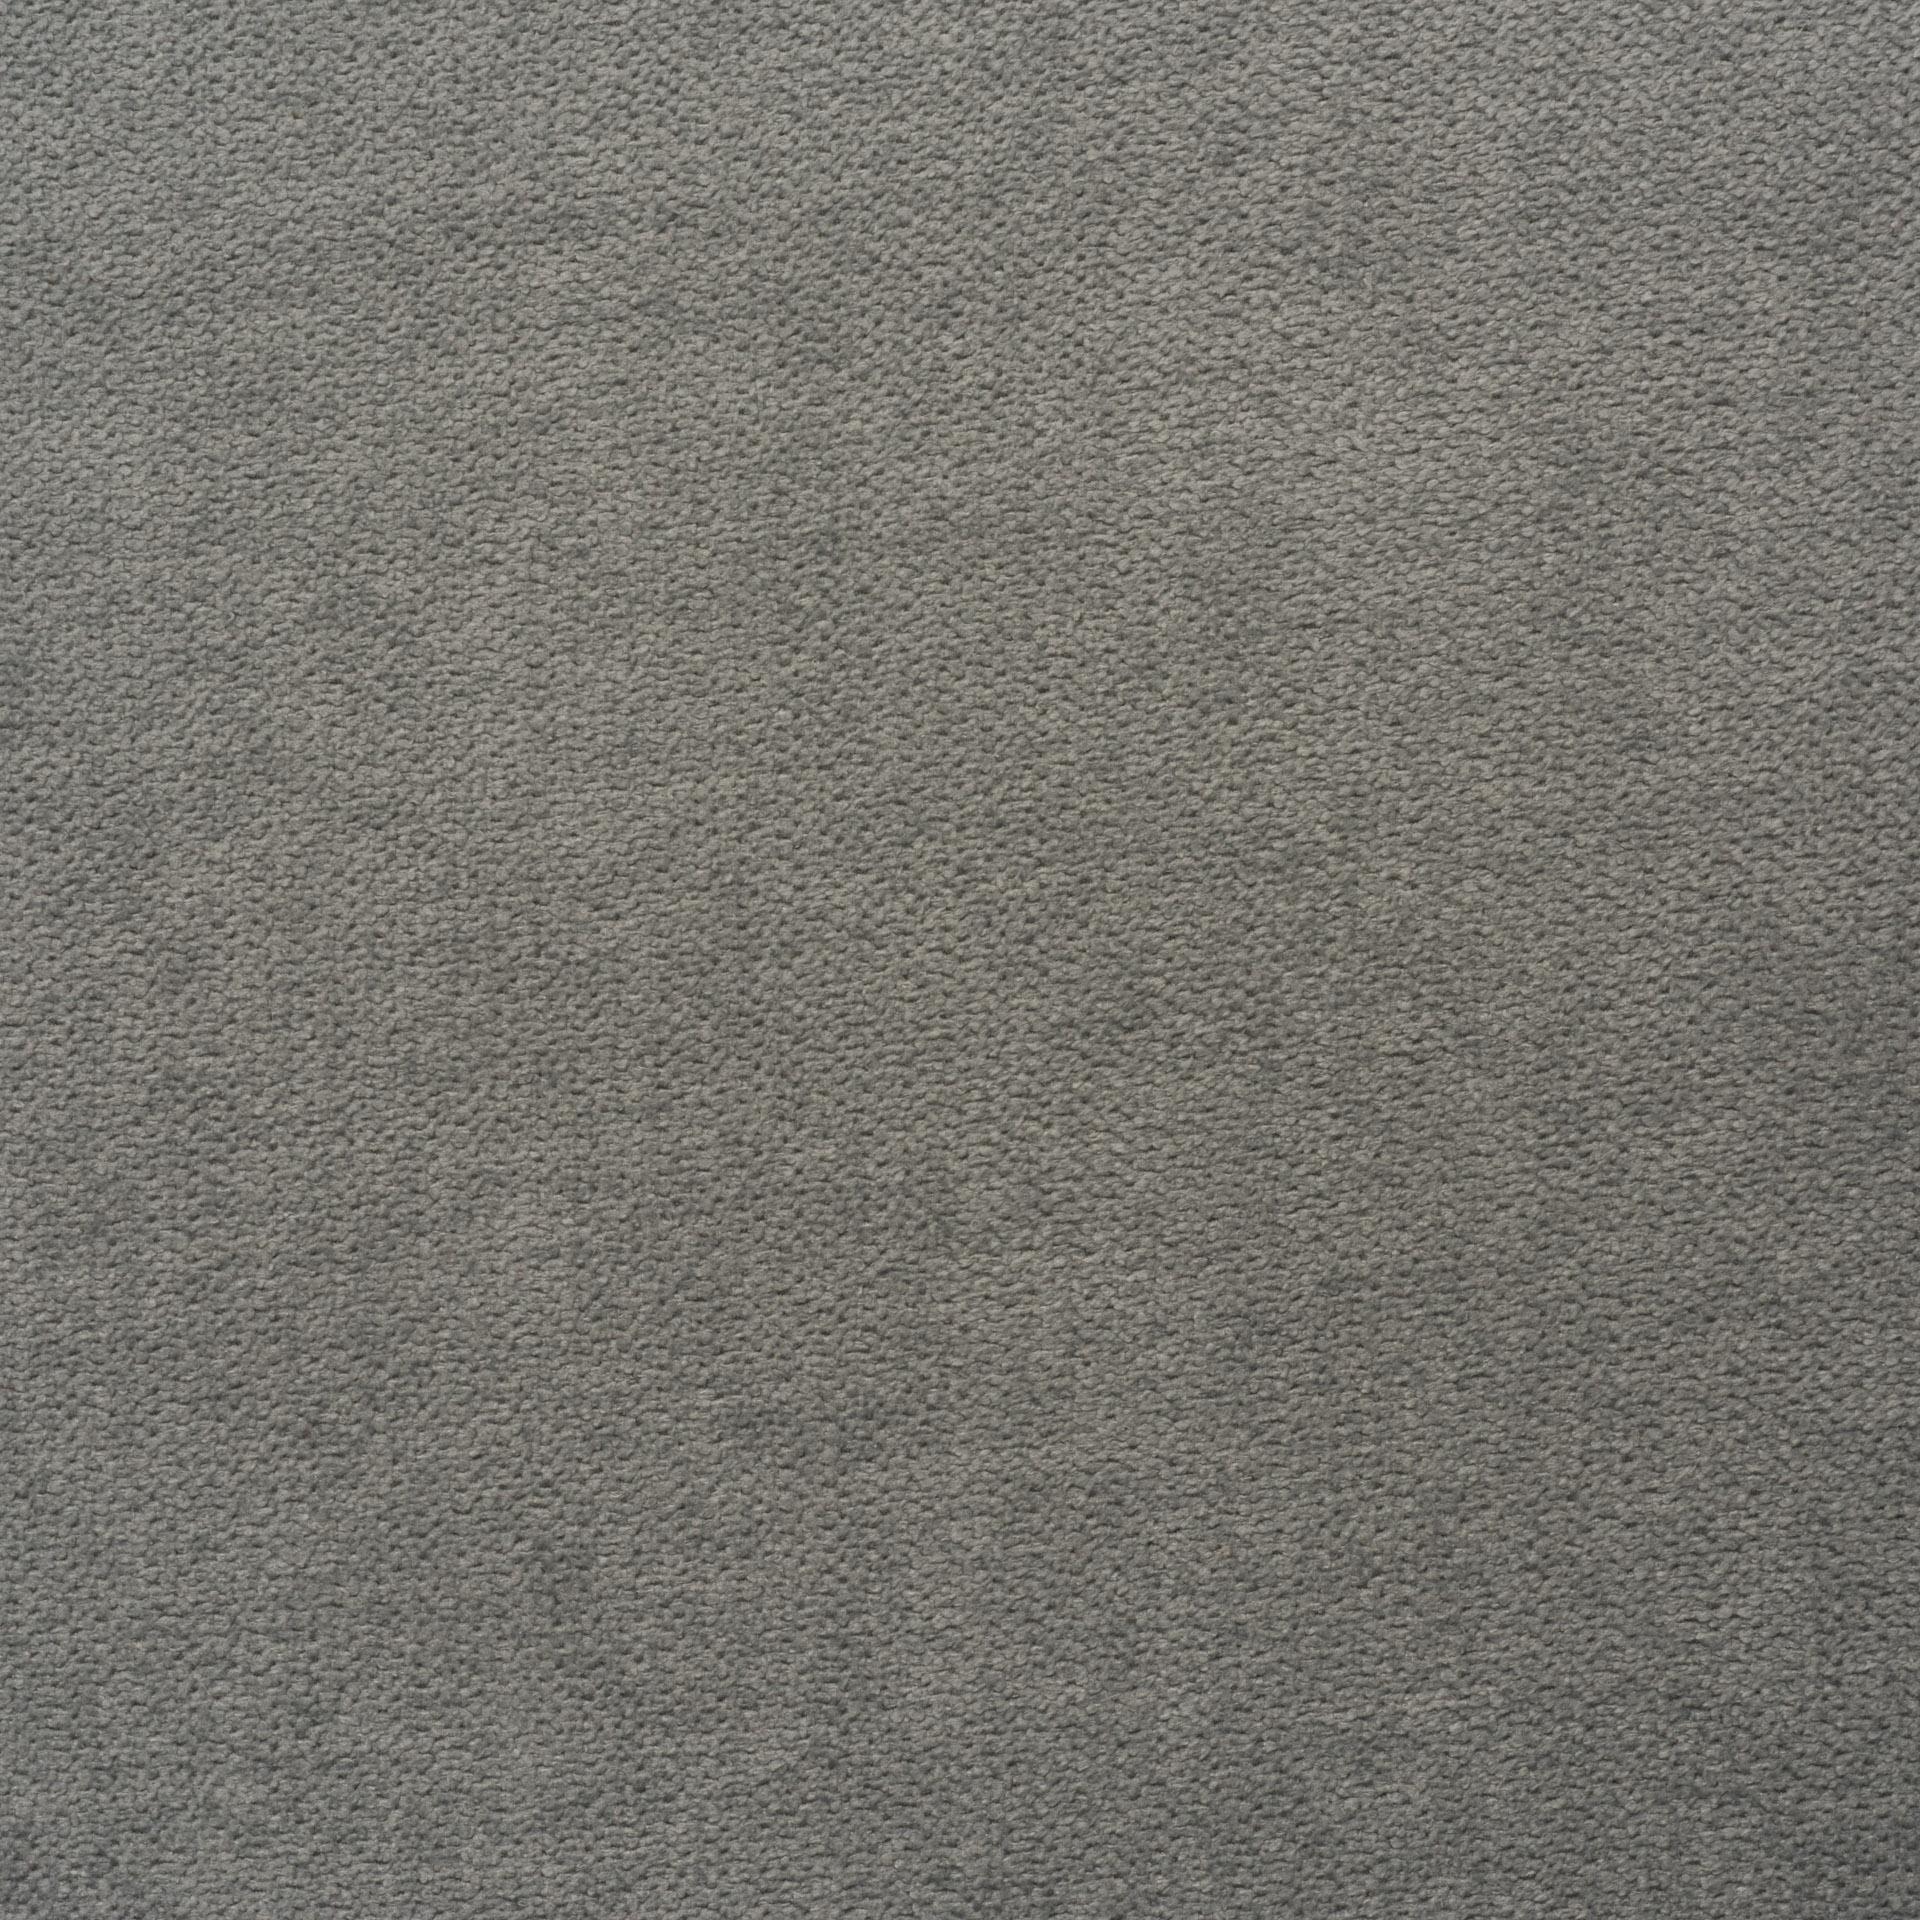 Коллекция ткани Аляска 08 PEARL BLUE,  купить ткань Жаккард для мебели Украина